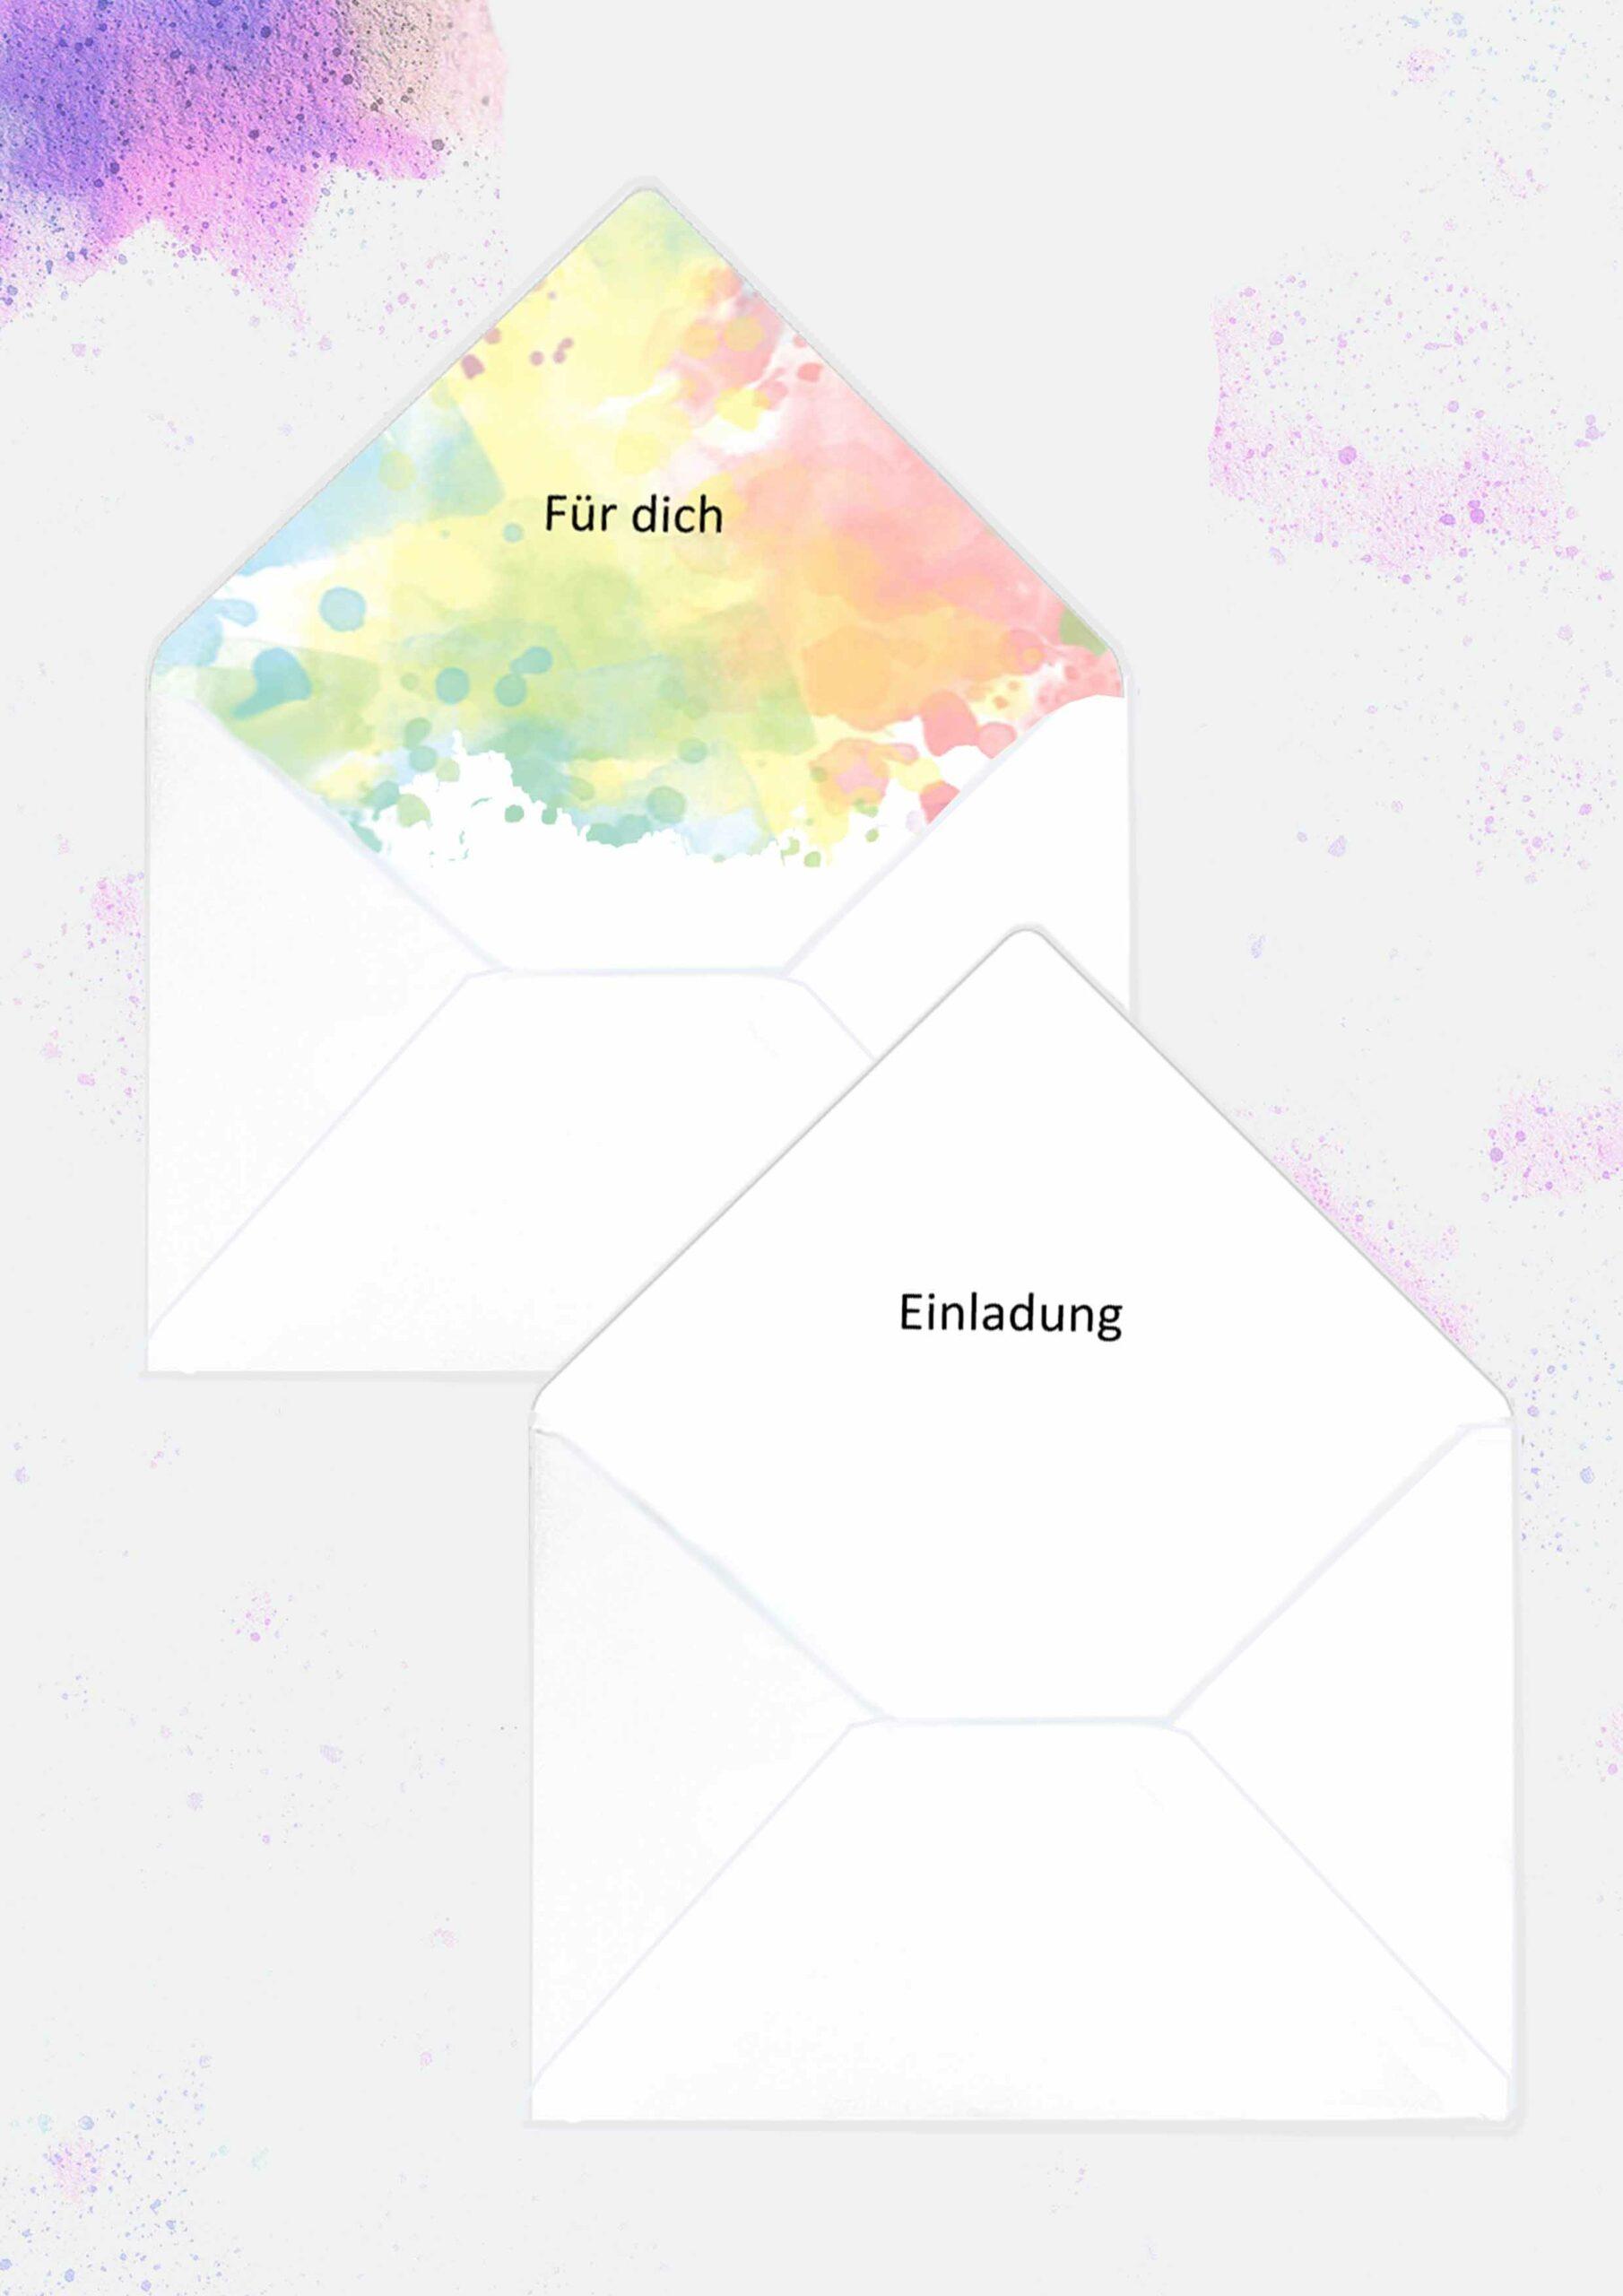 Druckvorlagen für personalisierbare Briefumschläge